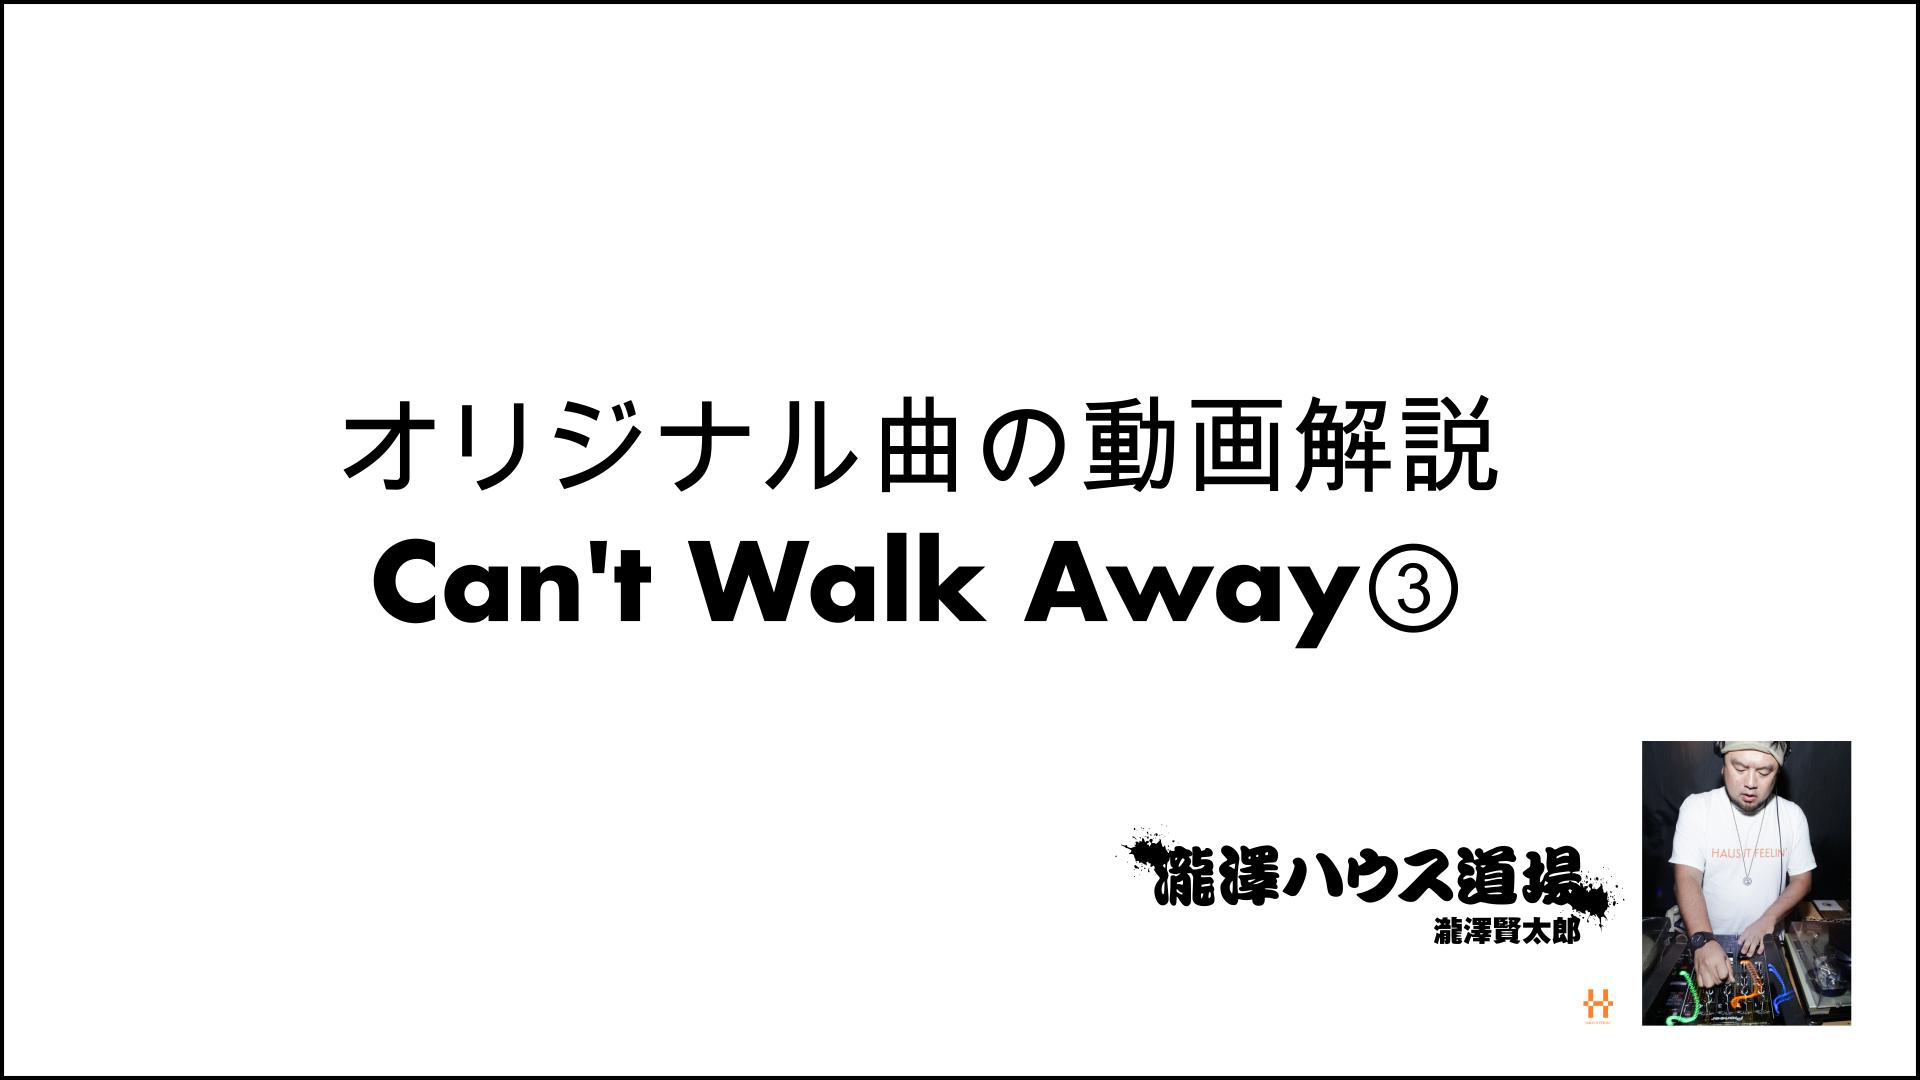 オリジナル曲の動画解説 Can't Walk Away③ 200729